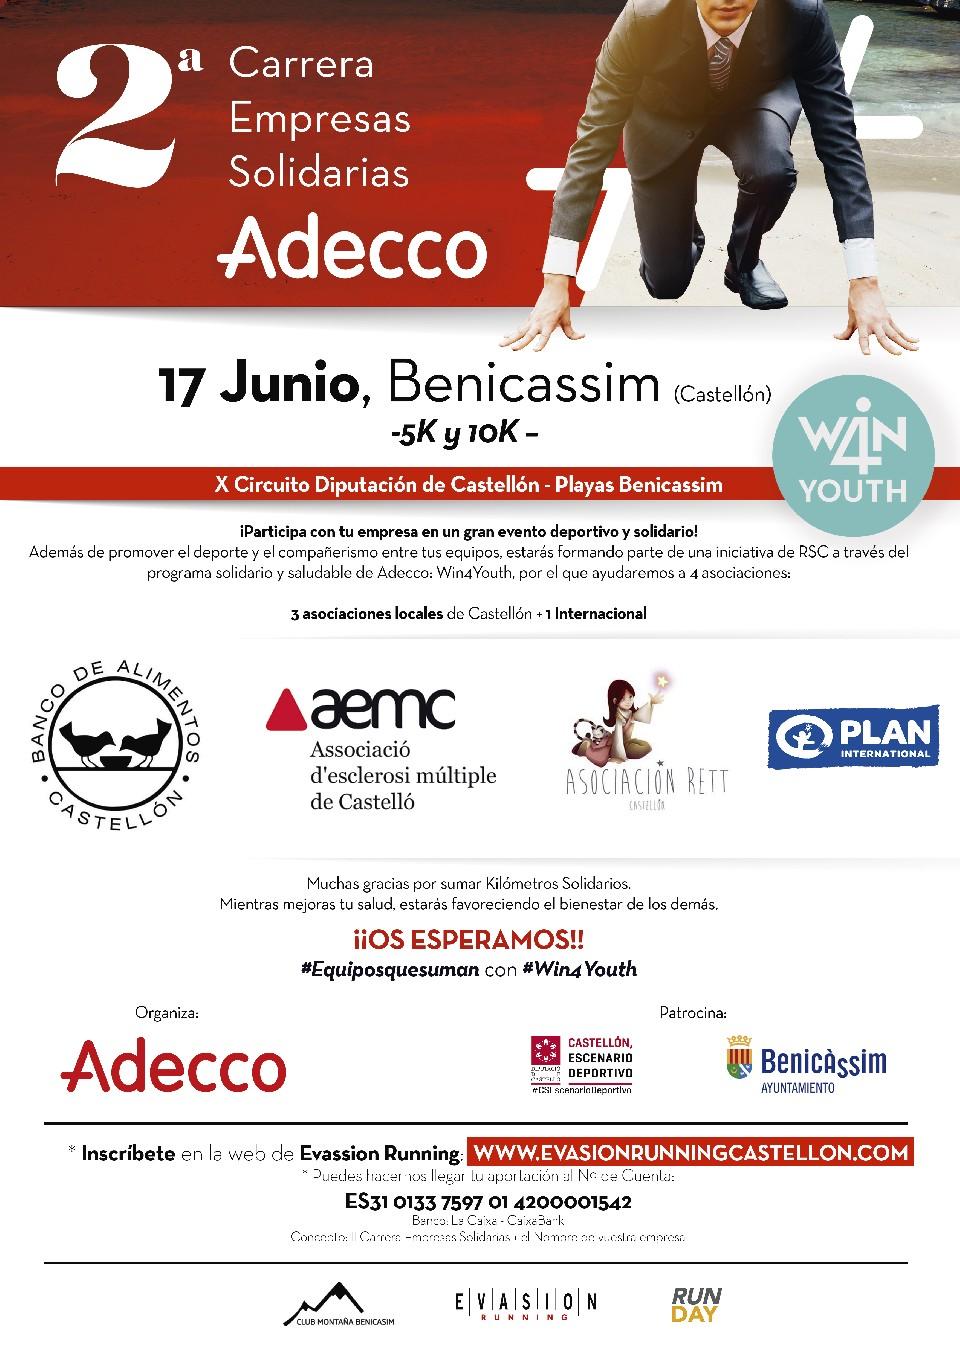 II Carrera de las Empresas Solidarias Adecco - Playas de Benicassim